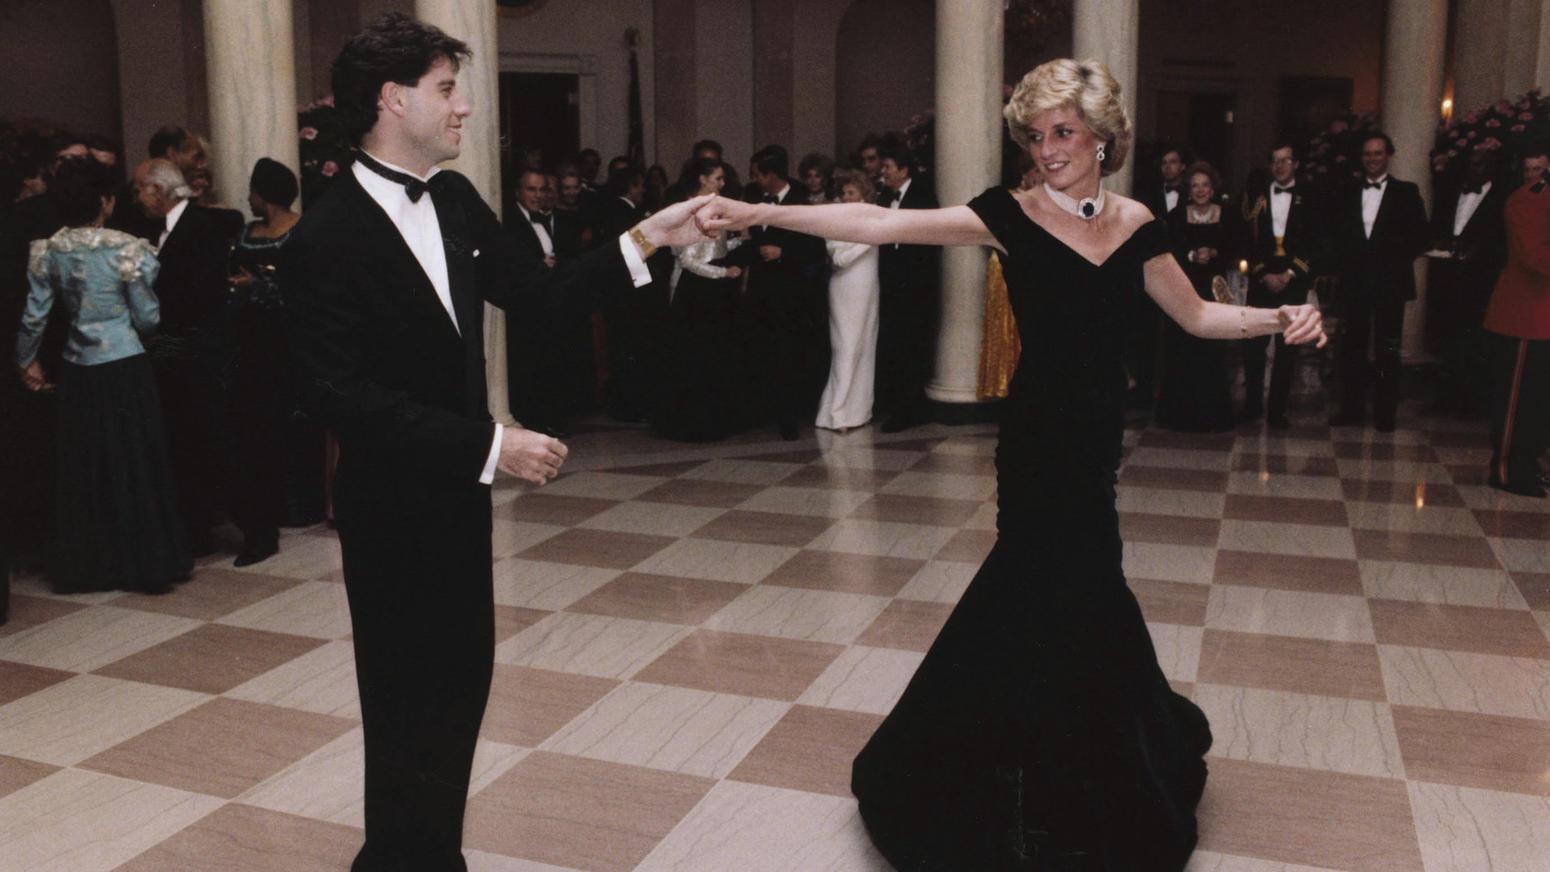 La princesa Diana bailó con el actor John Travolta en la cena de la Casa Blanca del presidente Reagan en 1985.Usóun vestido de terciopelo azul hecho por encargo de Victor Edelstein (REX/Shutterstock)